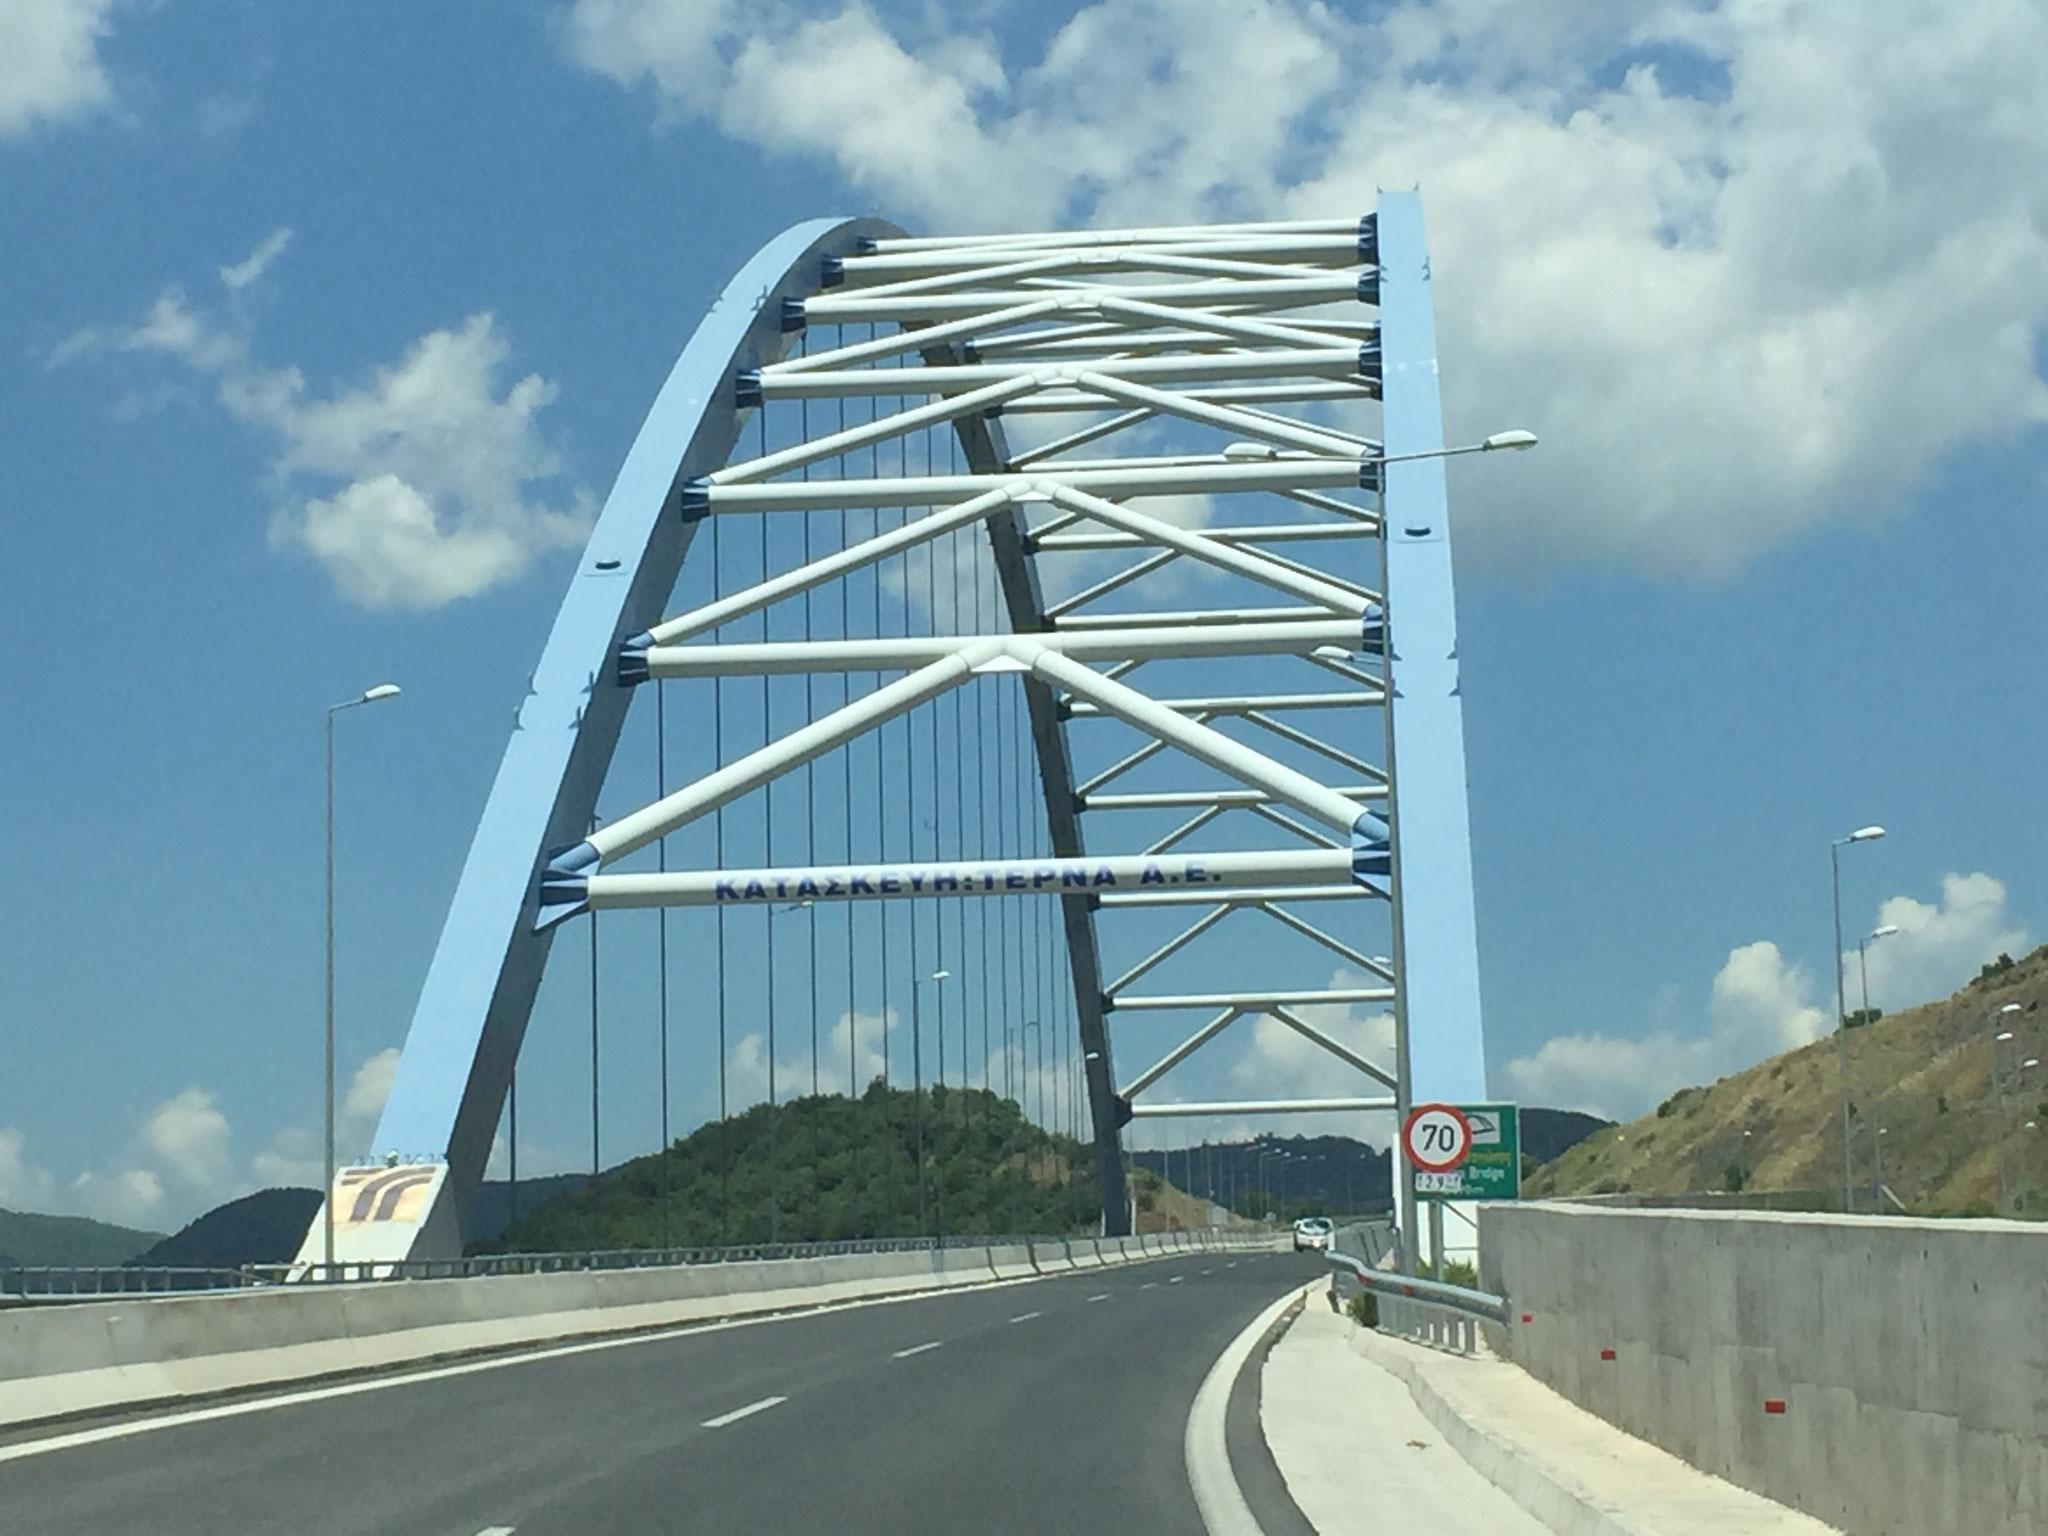 Brücke von der EU finanziert